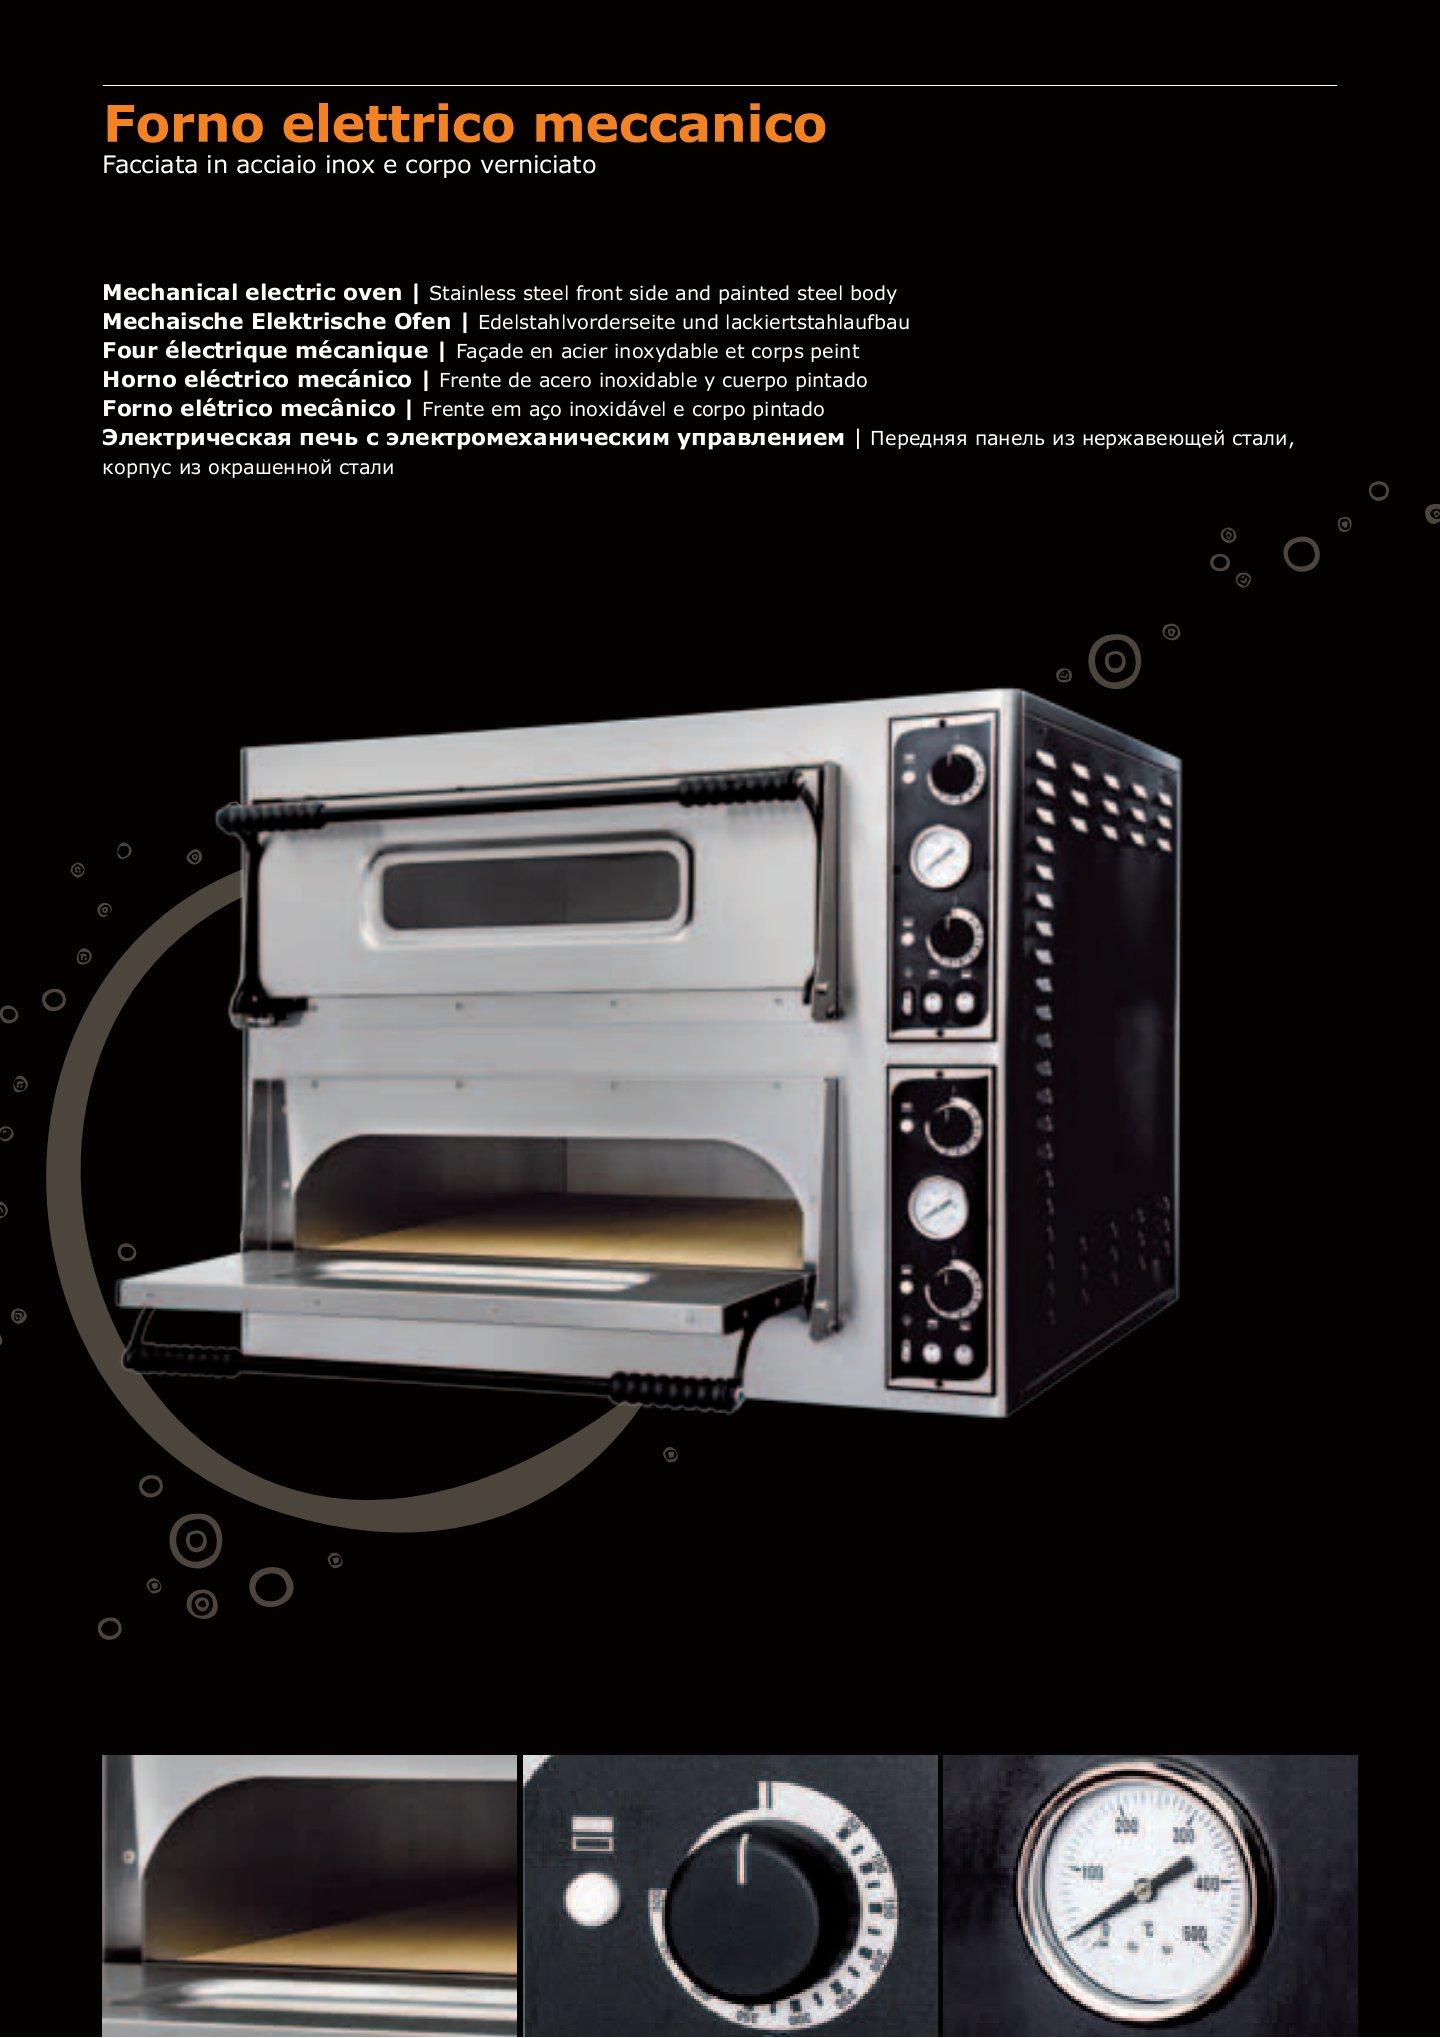 Forno elettrico per pizza e pane trays 6 6l for Arredamento pizzeria al taglio usato